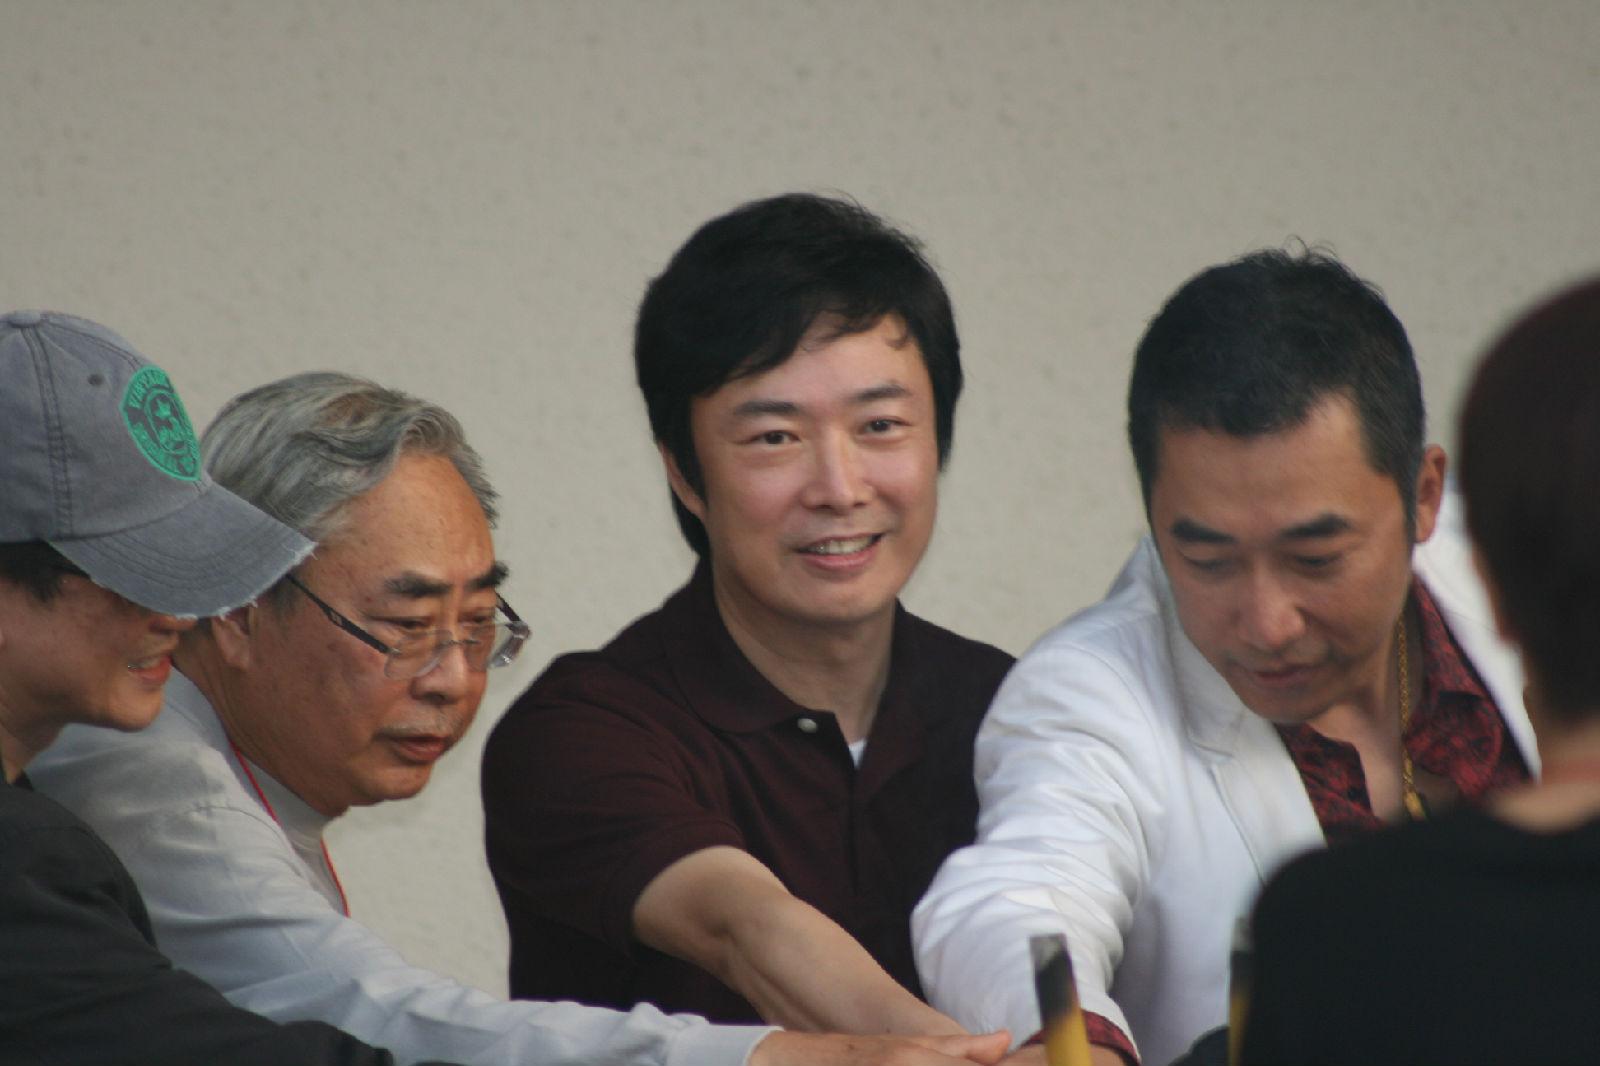 打招呼qq表情; 2010年9图片